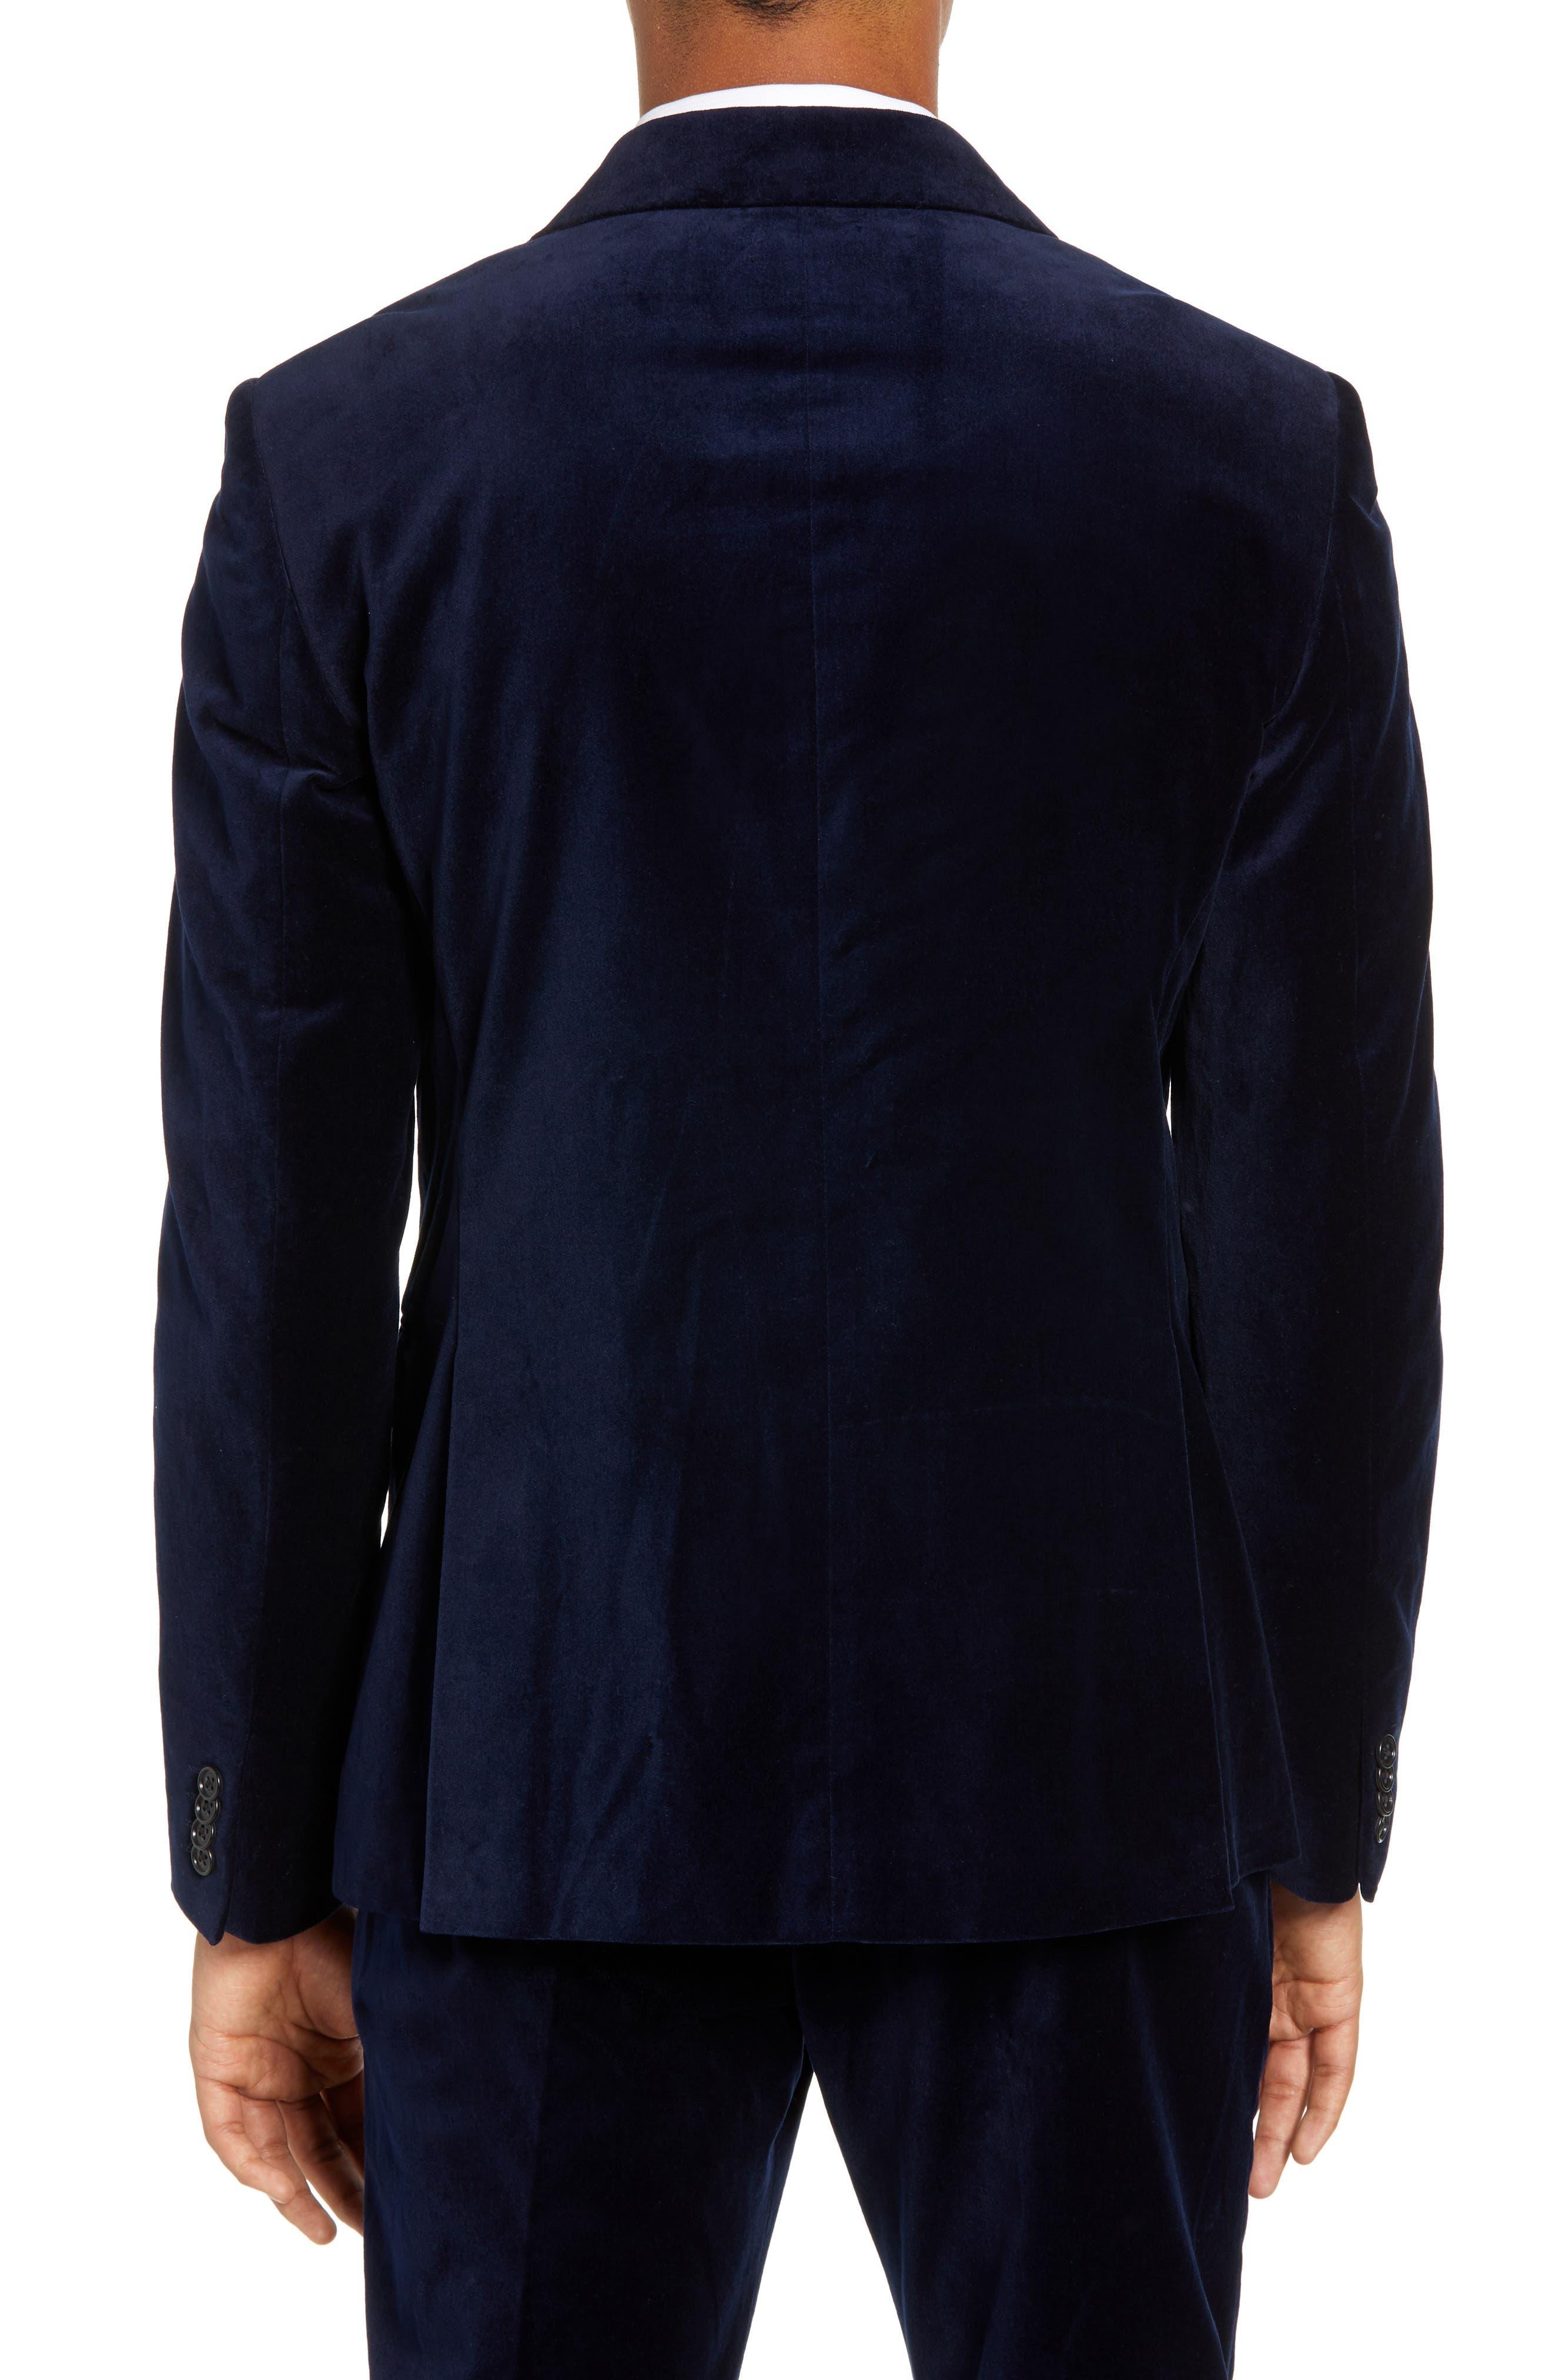 FRENCH CONNECTION,                             Regular Fit Plush Velveteen Blazer,                             Alternate thumbnail 2, color,                             BLUE BLOOD